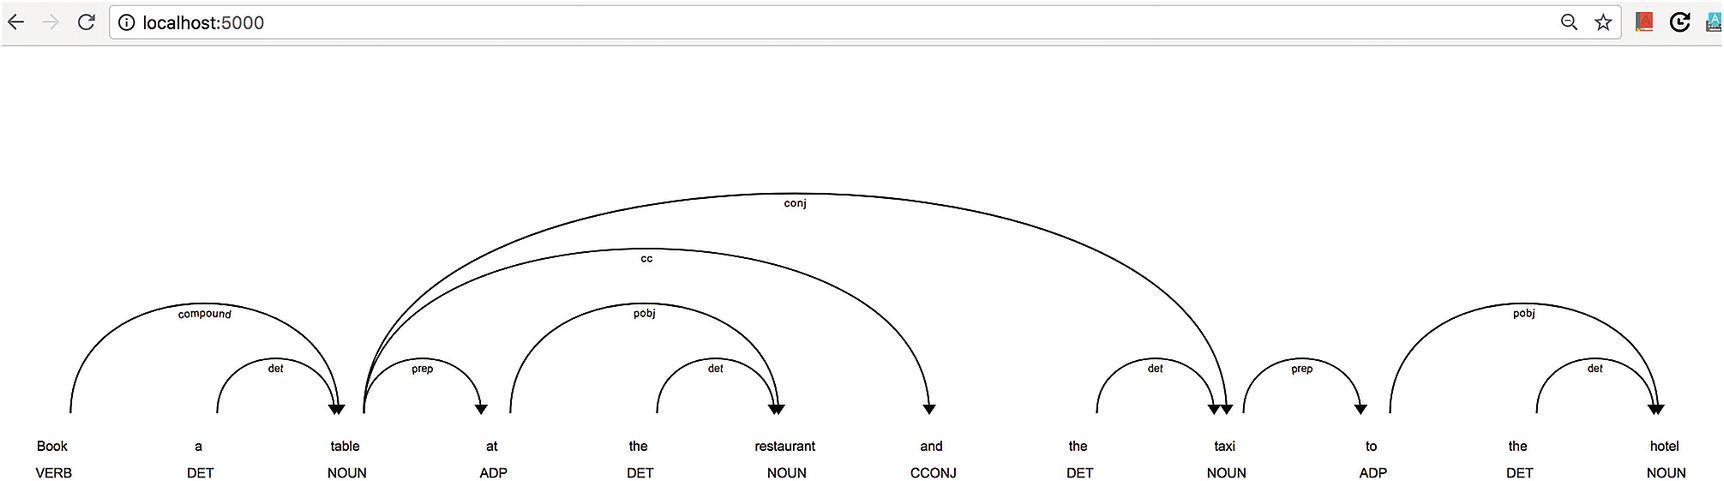 Natural Language Processing for Chatbots | SpringerLink